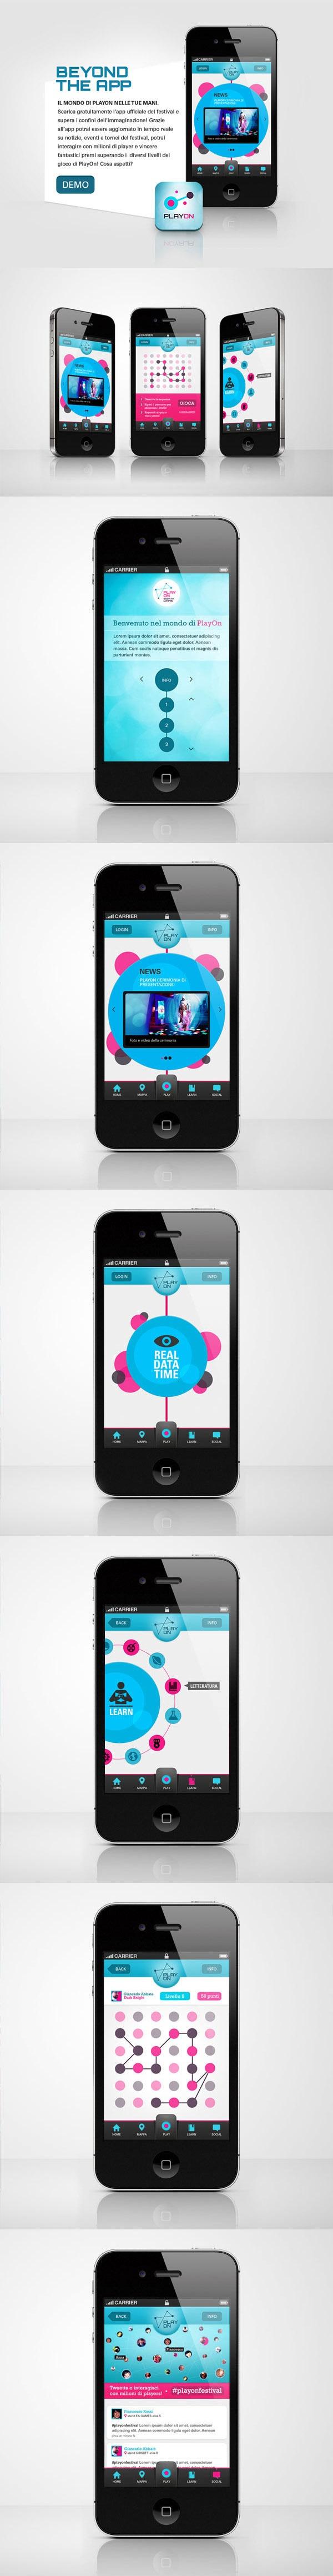 #App #Behance #Mobile #Digital